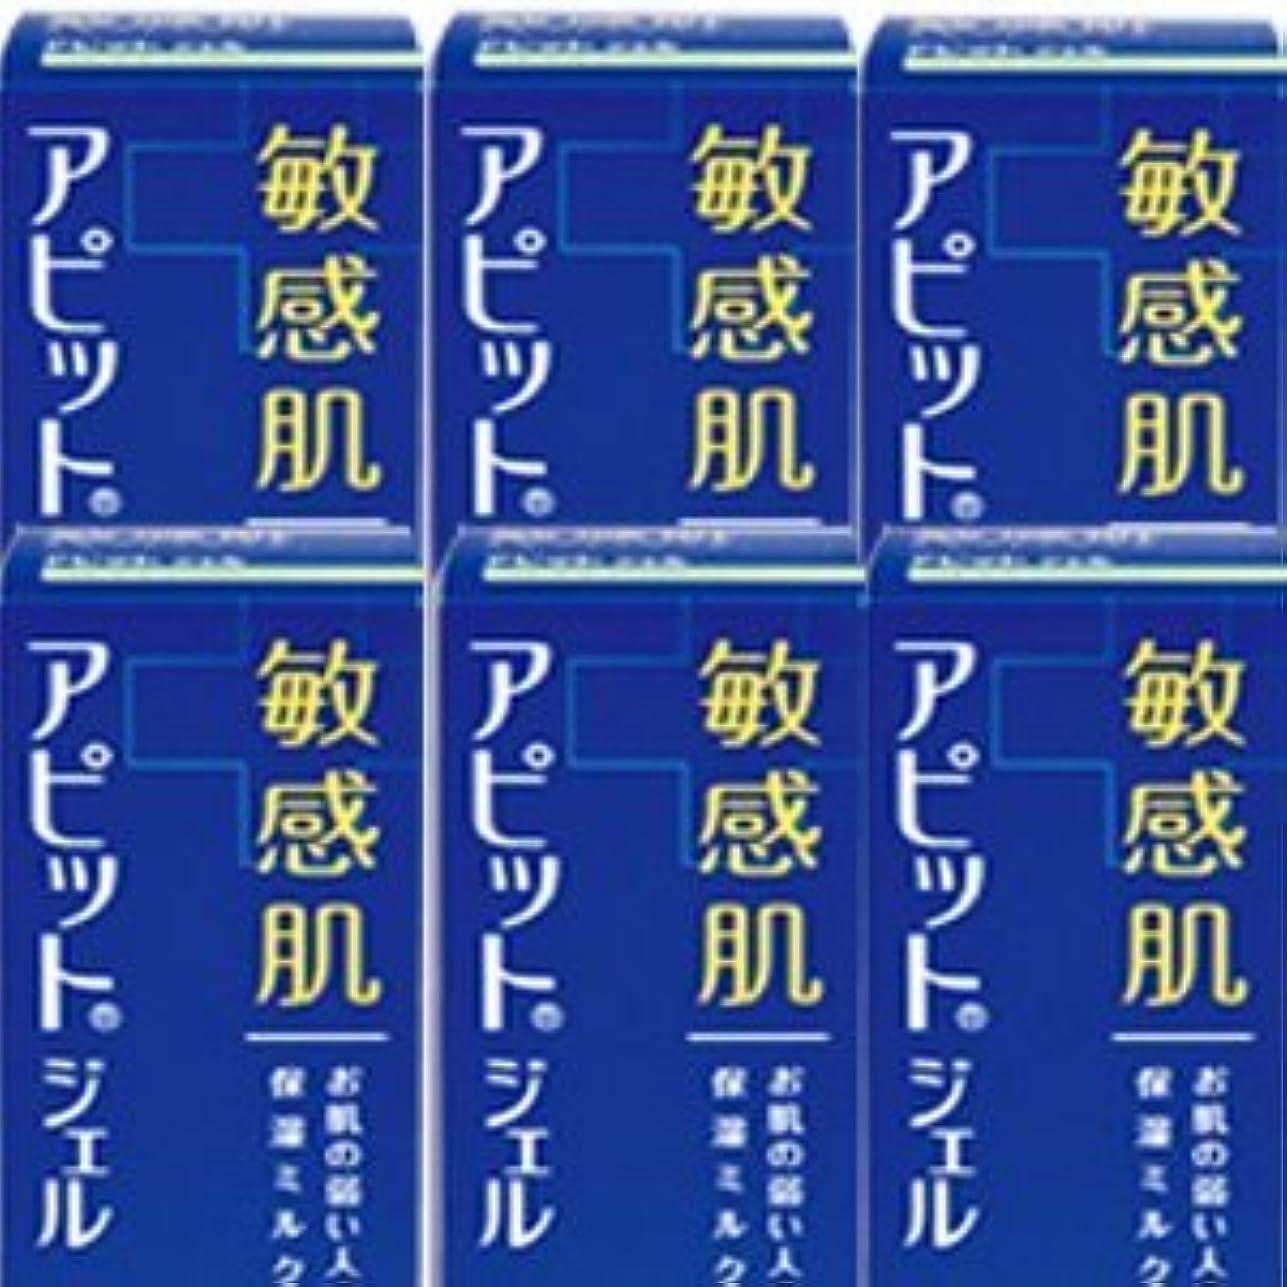 飲食店エゴイズム民間人【6個】全薬工業 アピットジェルS 120mlx6個セット (4987305034625)